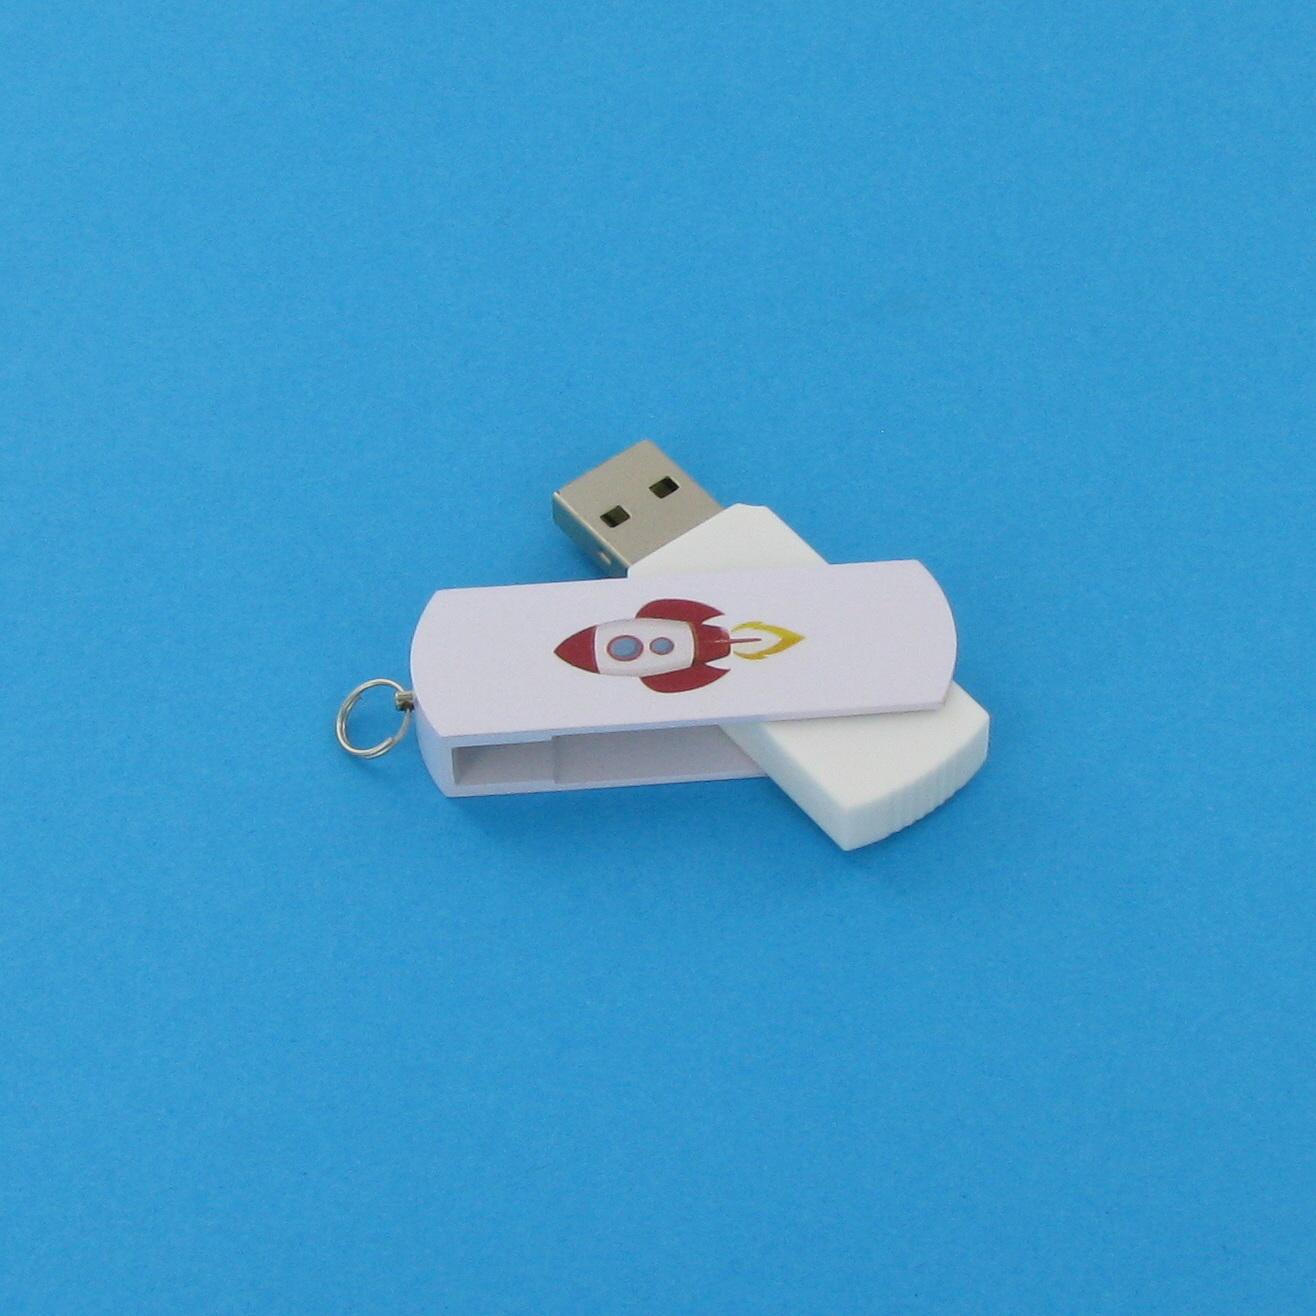 Previous Carte De Visite USB Like